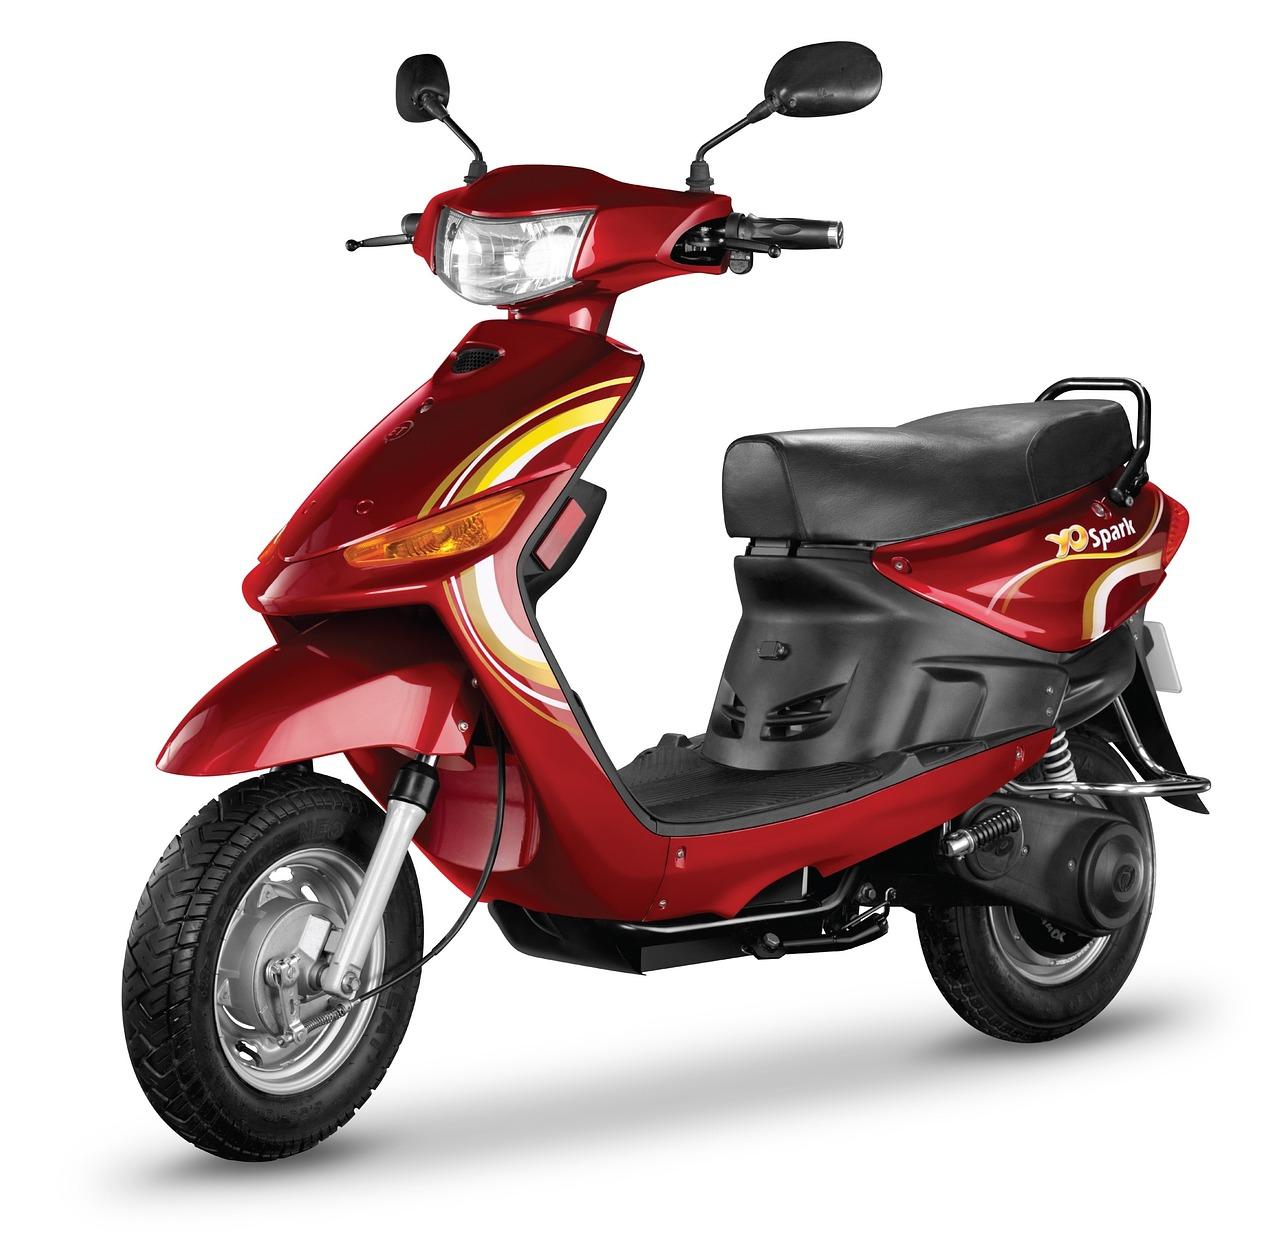 Le vélo électrique a-t-il besoin de révision?